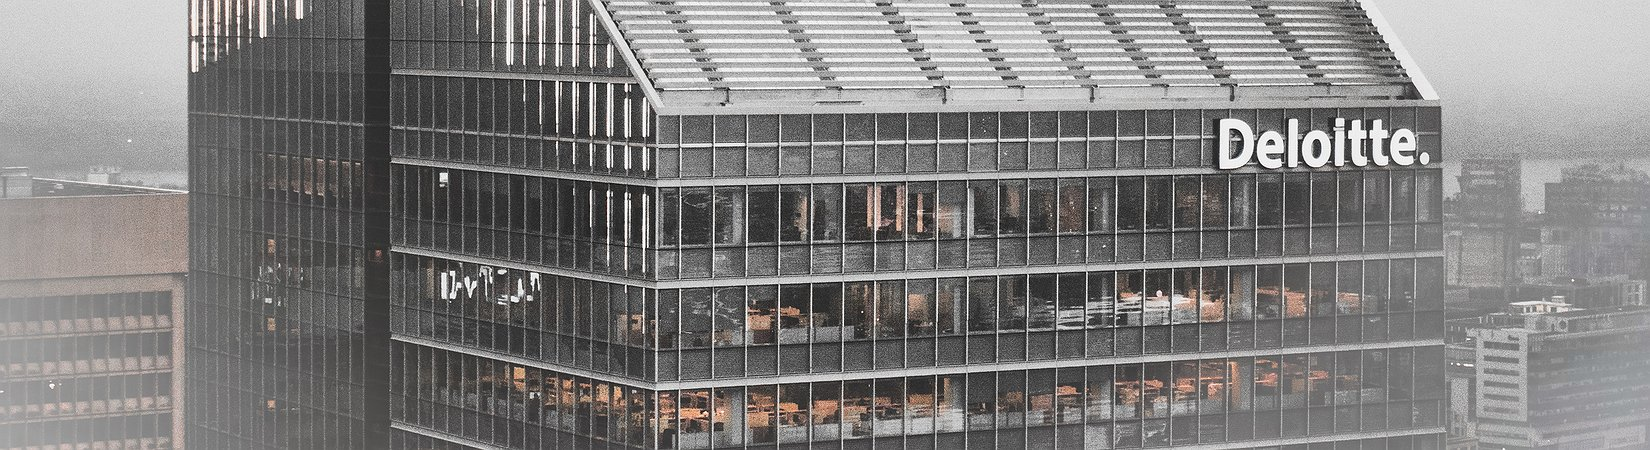 Как мировые компании относятся к блокчейну: Главное из отчета Deloitte